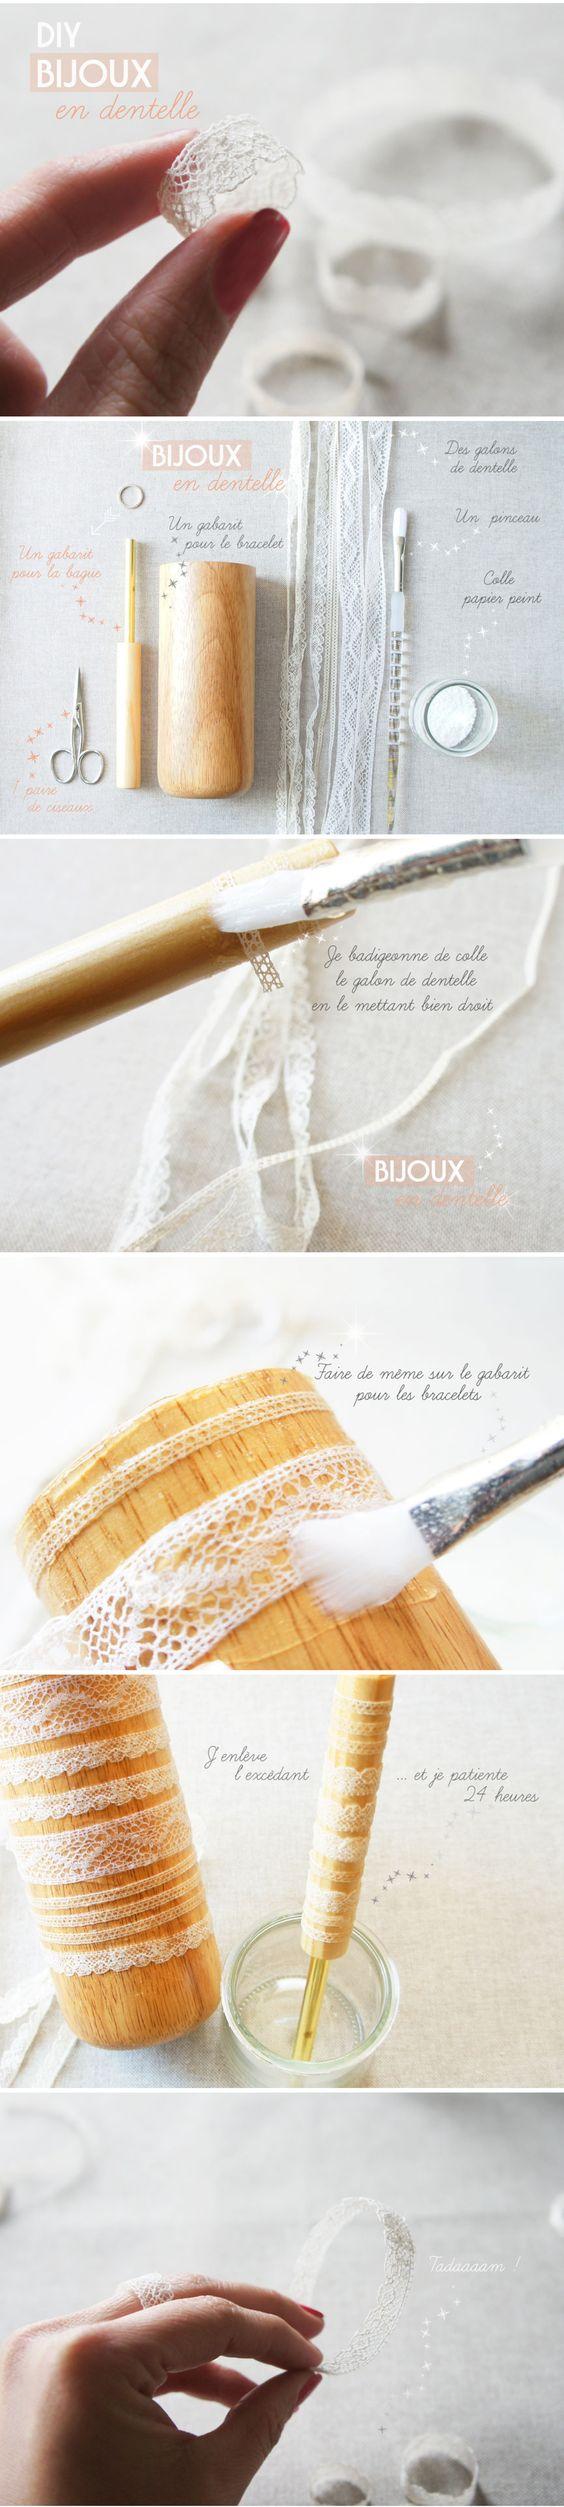 Blog MYLS BIJOUX DENTELLE_DIY-tutoriel Diy bague et bracelet facile et rapide à réaliser